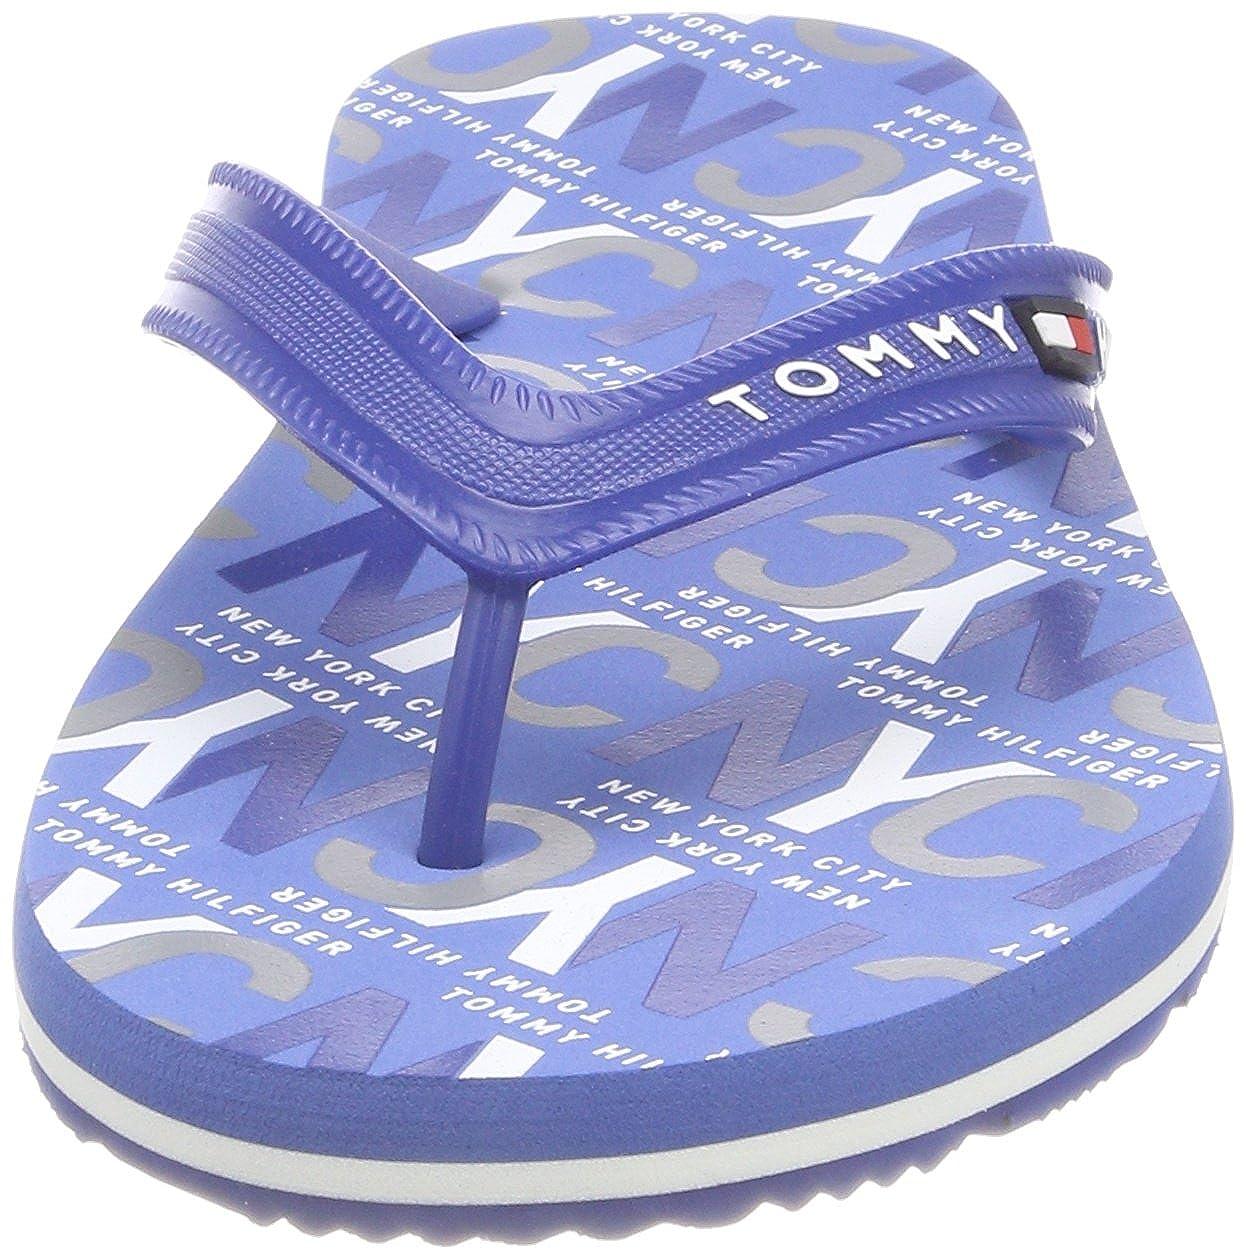 cb78153b1 Tommy Hilfiger Men s City Print Beach Sandal Flip Flops  Amazon.co.uk  Shoes    Bags